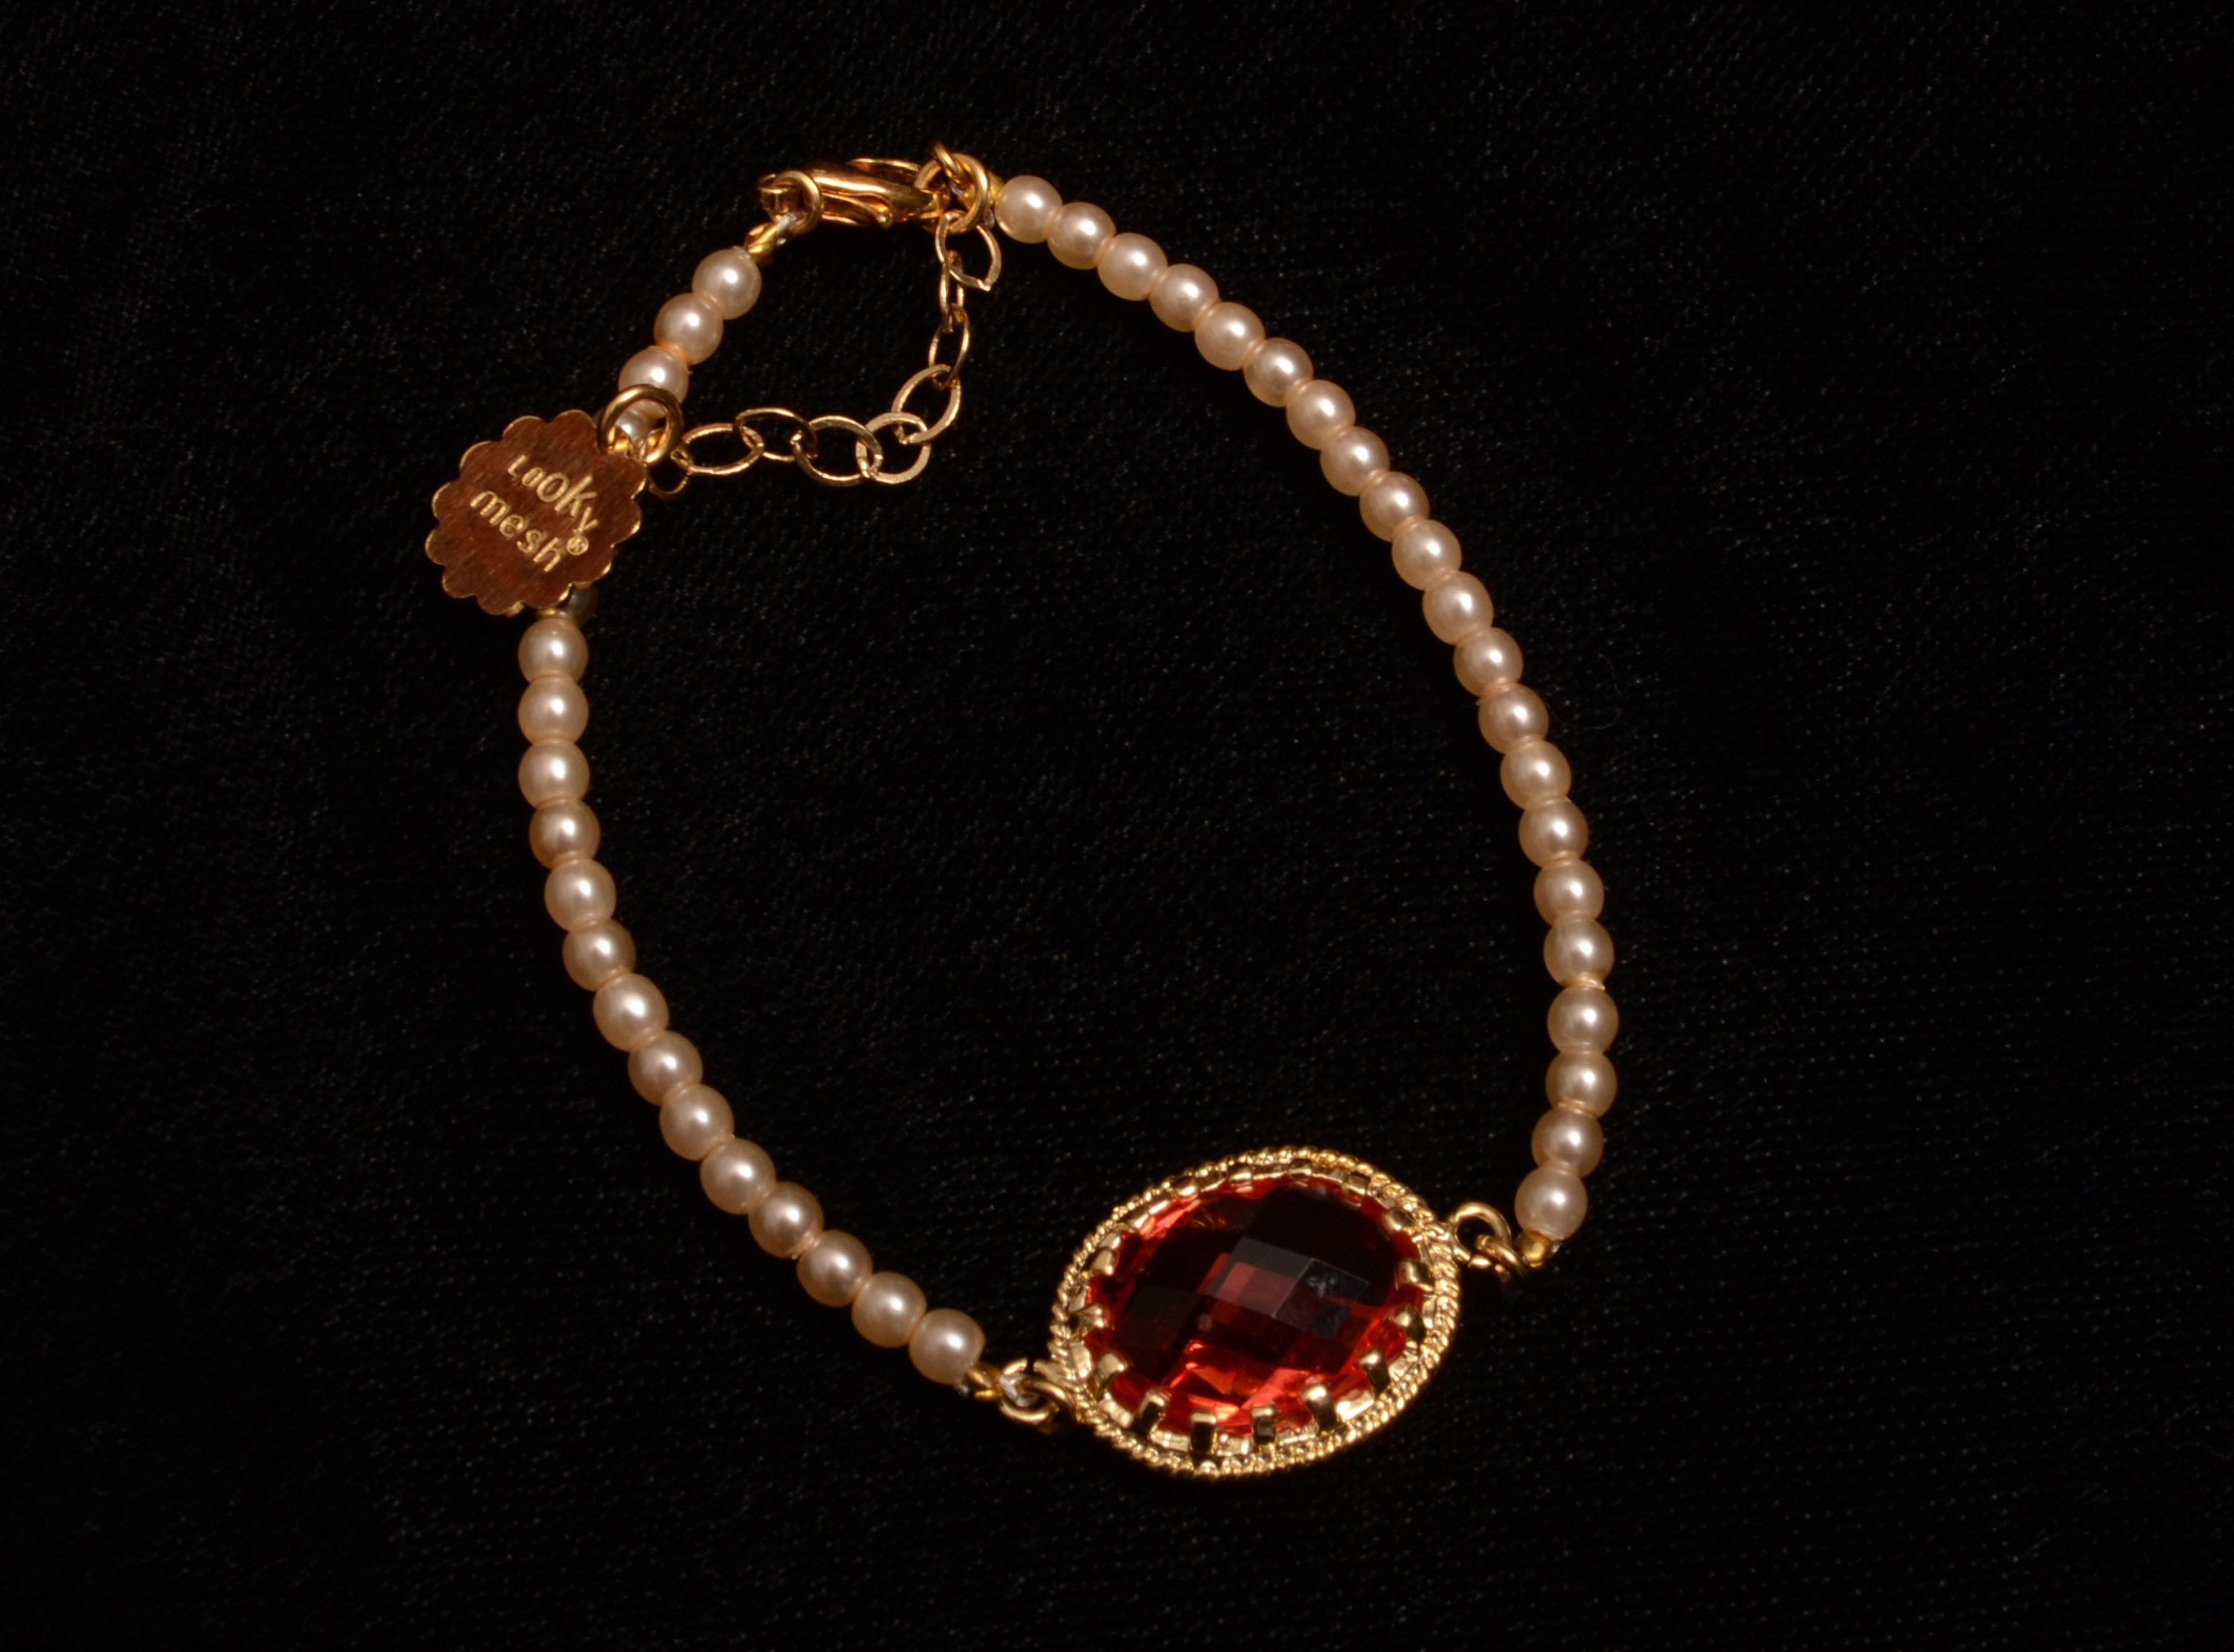 BM PEARLS&BALLS: Pulsera de perlas cultivadas tejida con bolitas en chapa de oro a los lados y comodo broche con extension ajustable